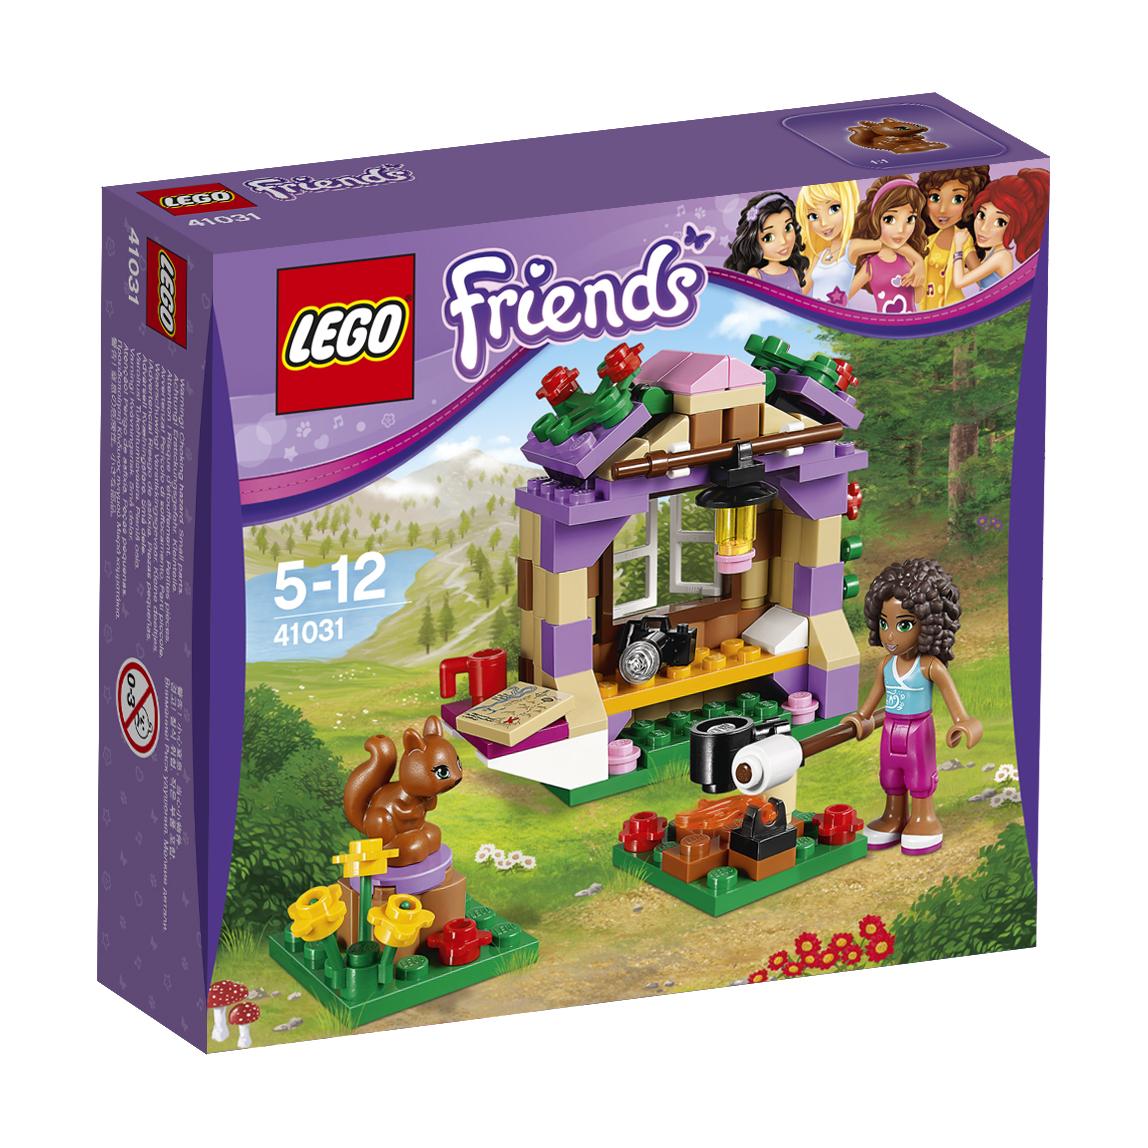 Спасение животных в джунглях или веселый отдых в г. с подружками LEGO Friends